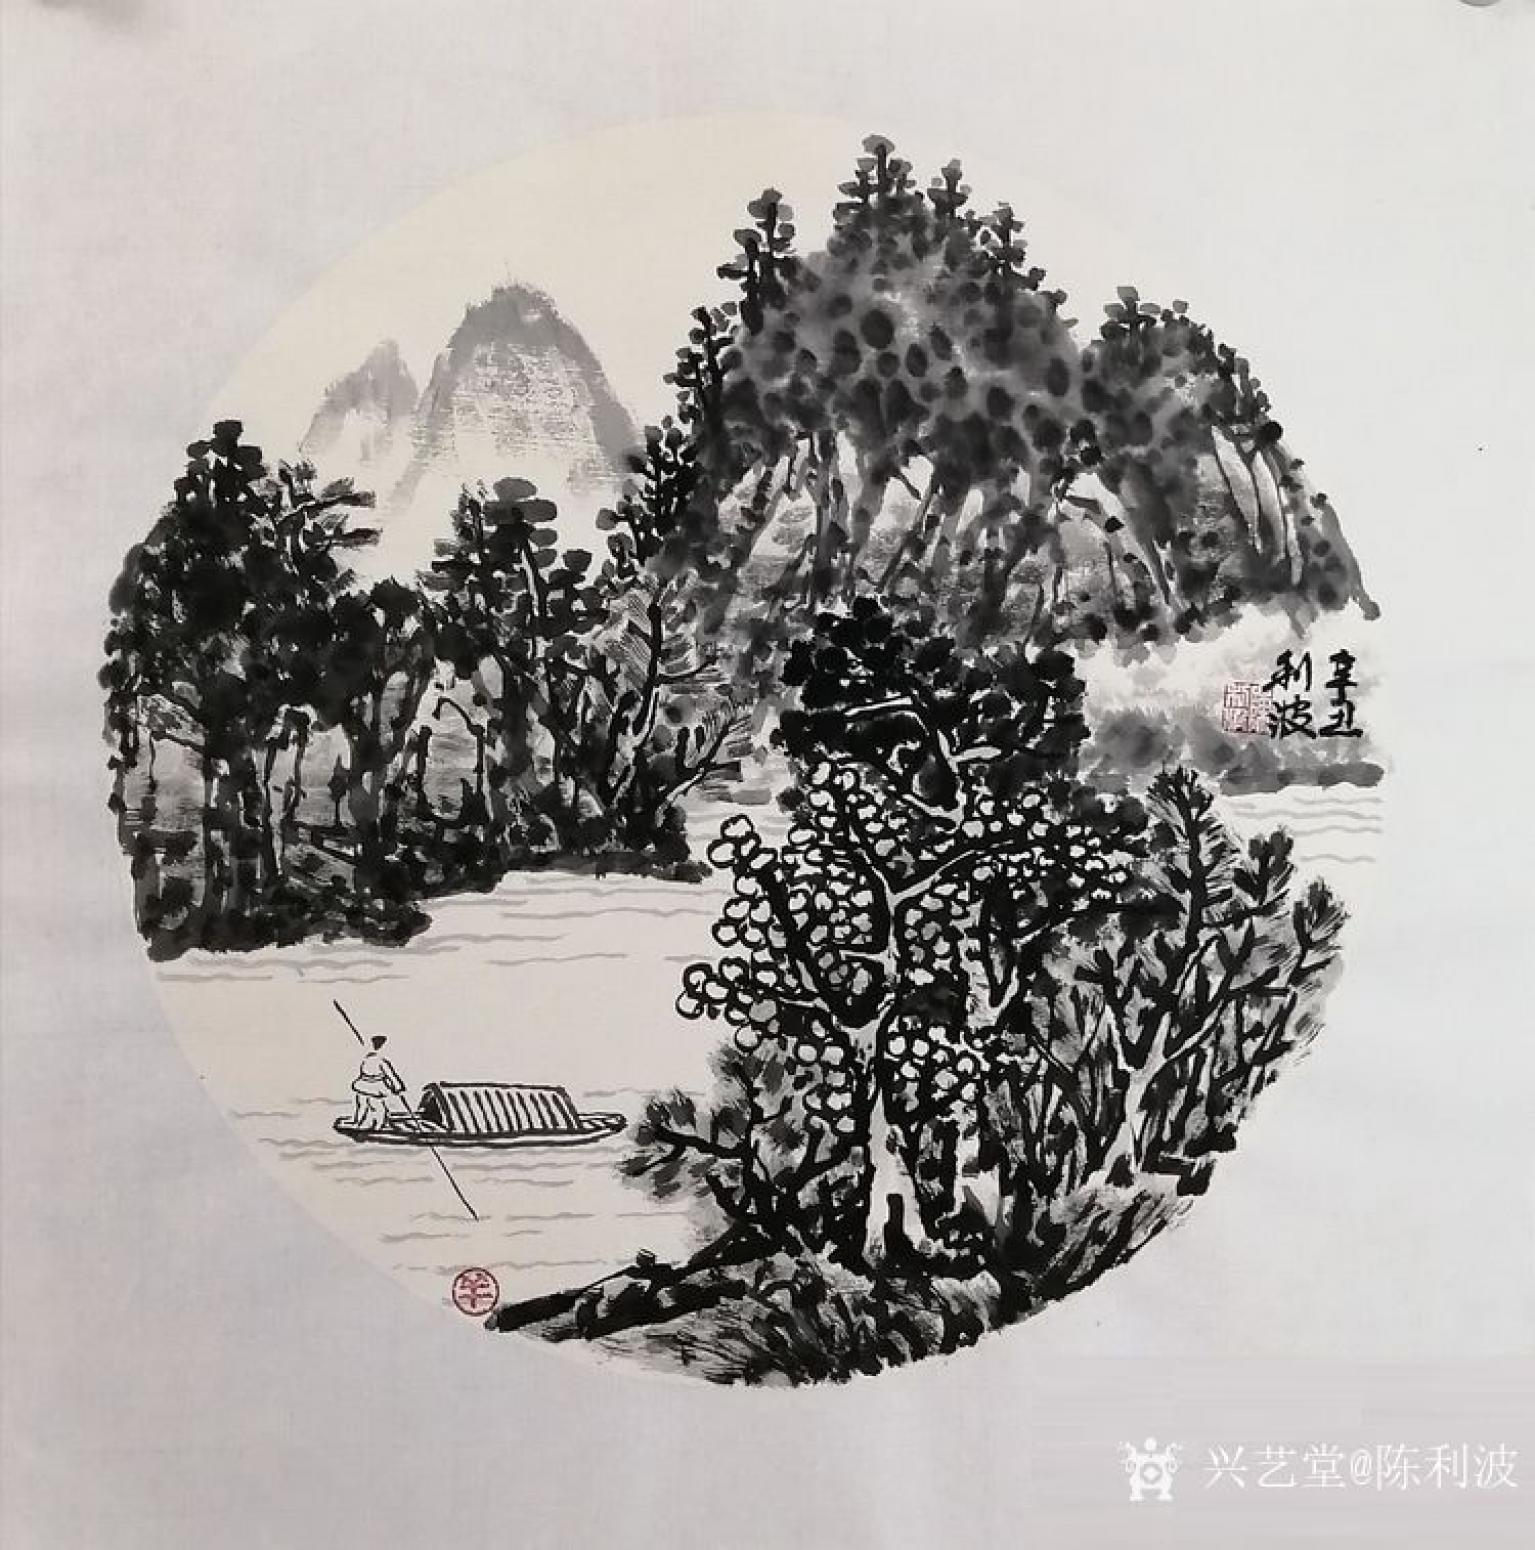 陈利波国画作品《泛舟2》【图0】